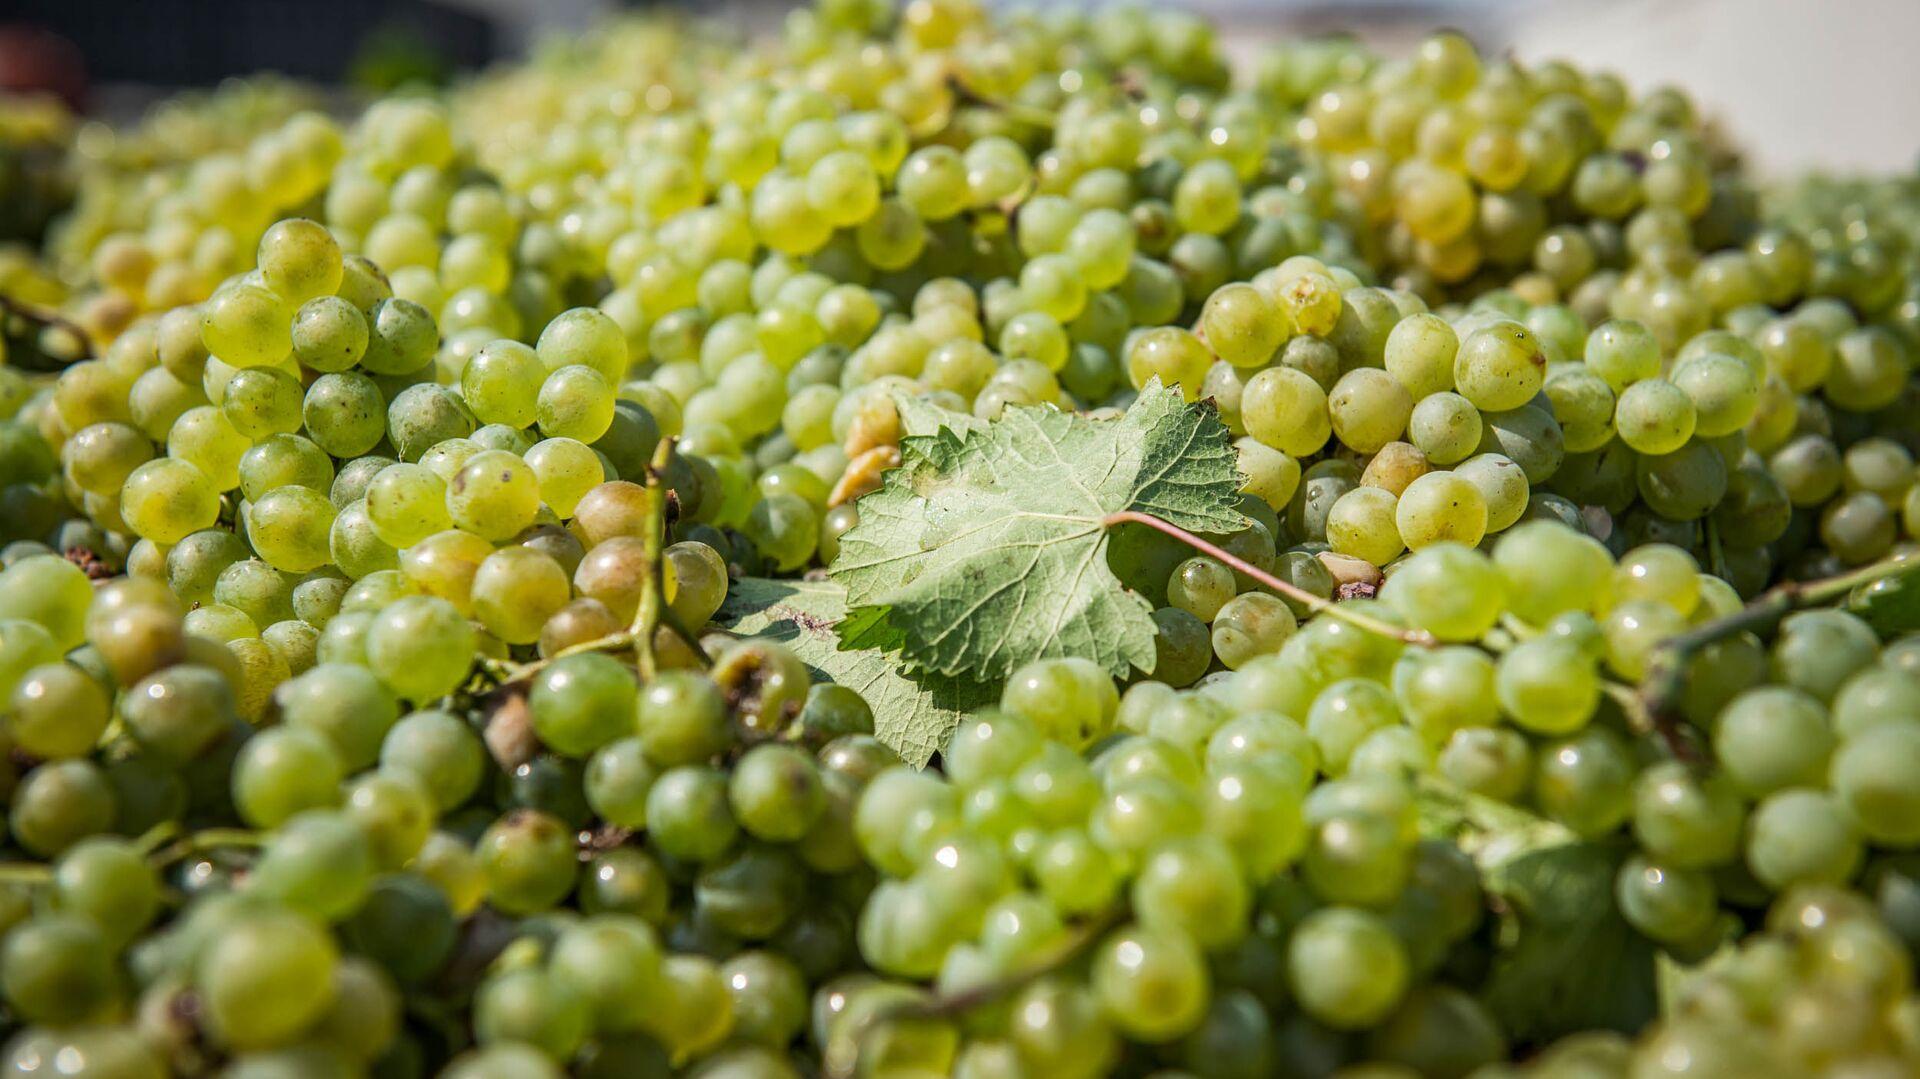 Сбор урожая винограда - Ртвели в регионе Кахети - Sputnik Грузия, 1920, 17.09.2021